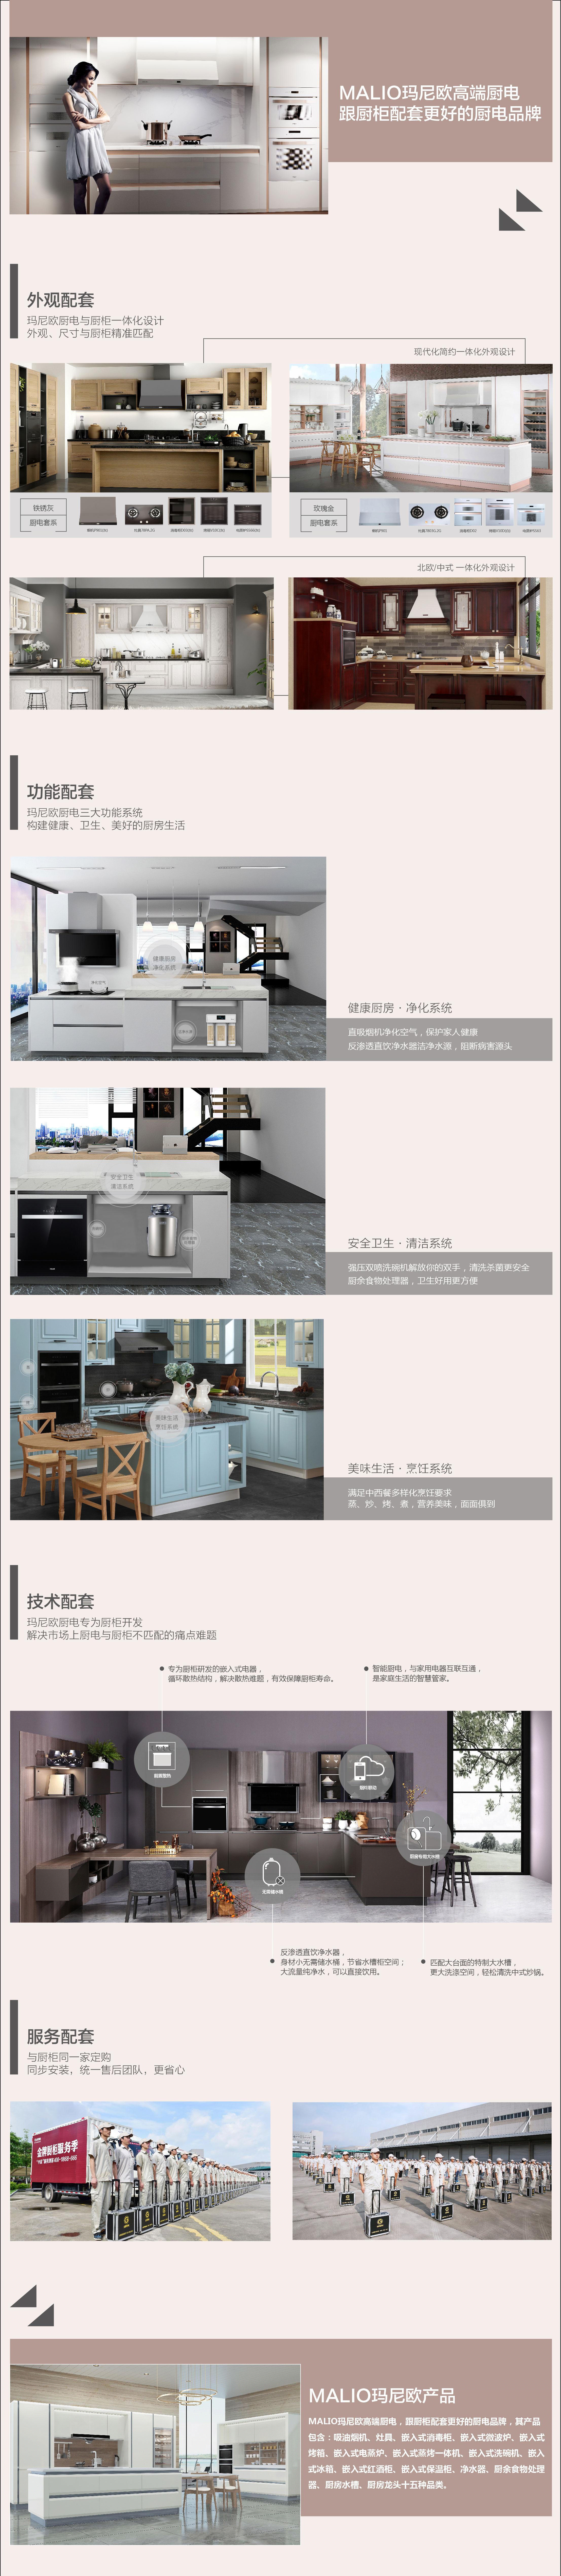 玛尼欧品牌简介-012112112212112.jpg